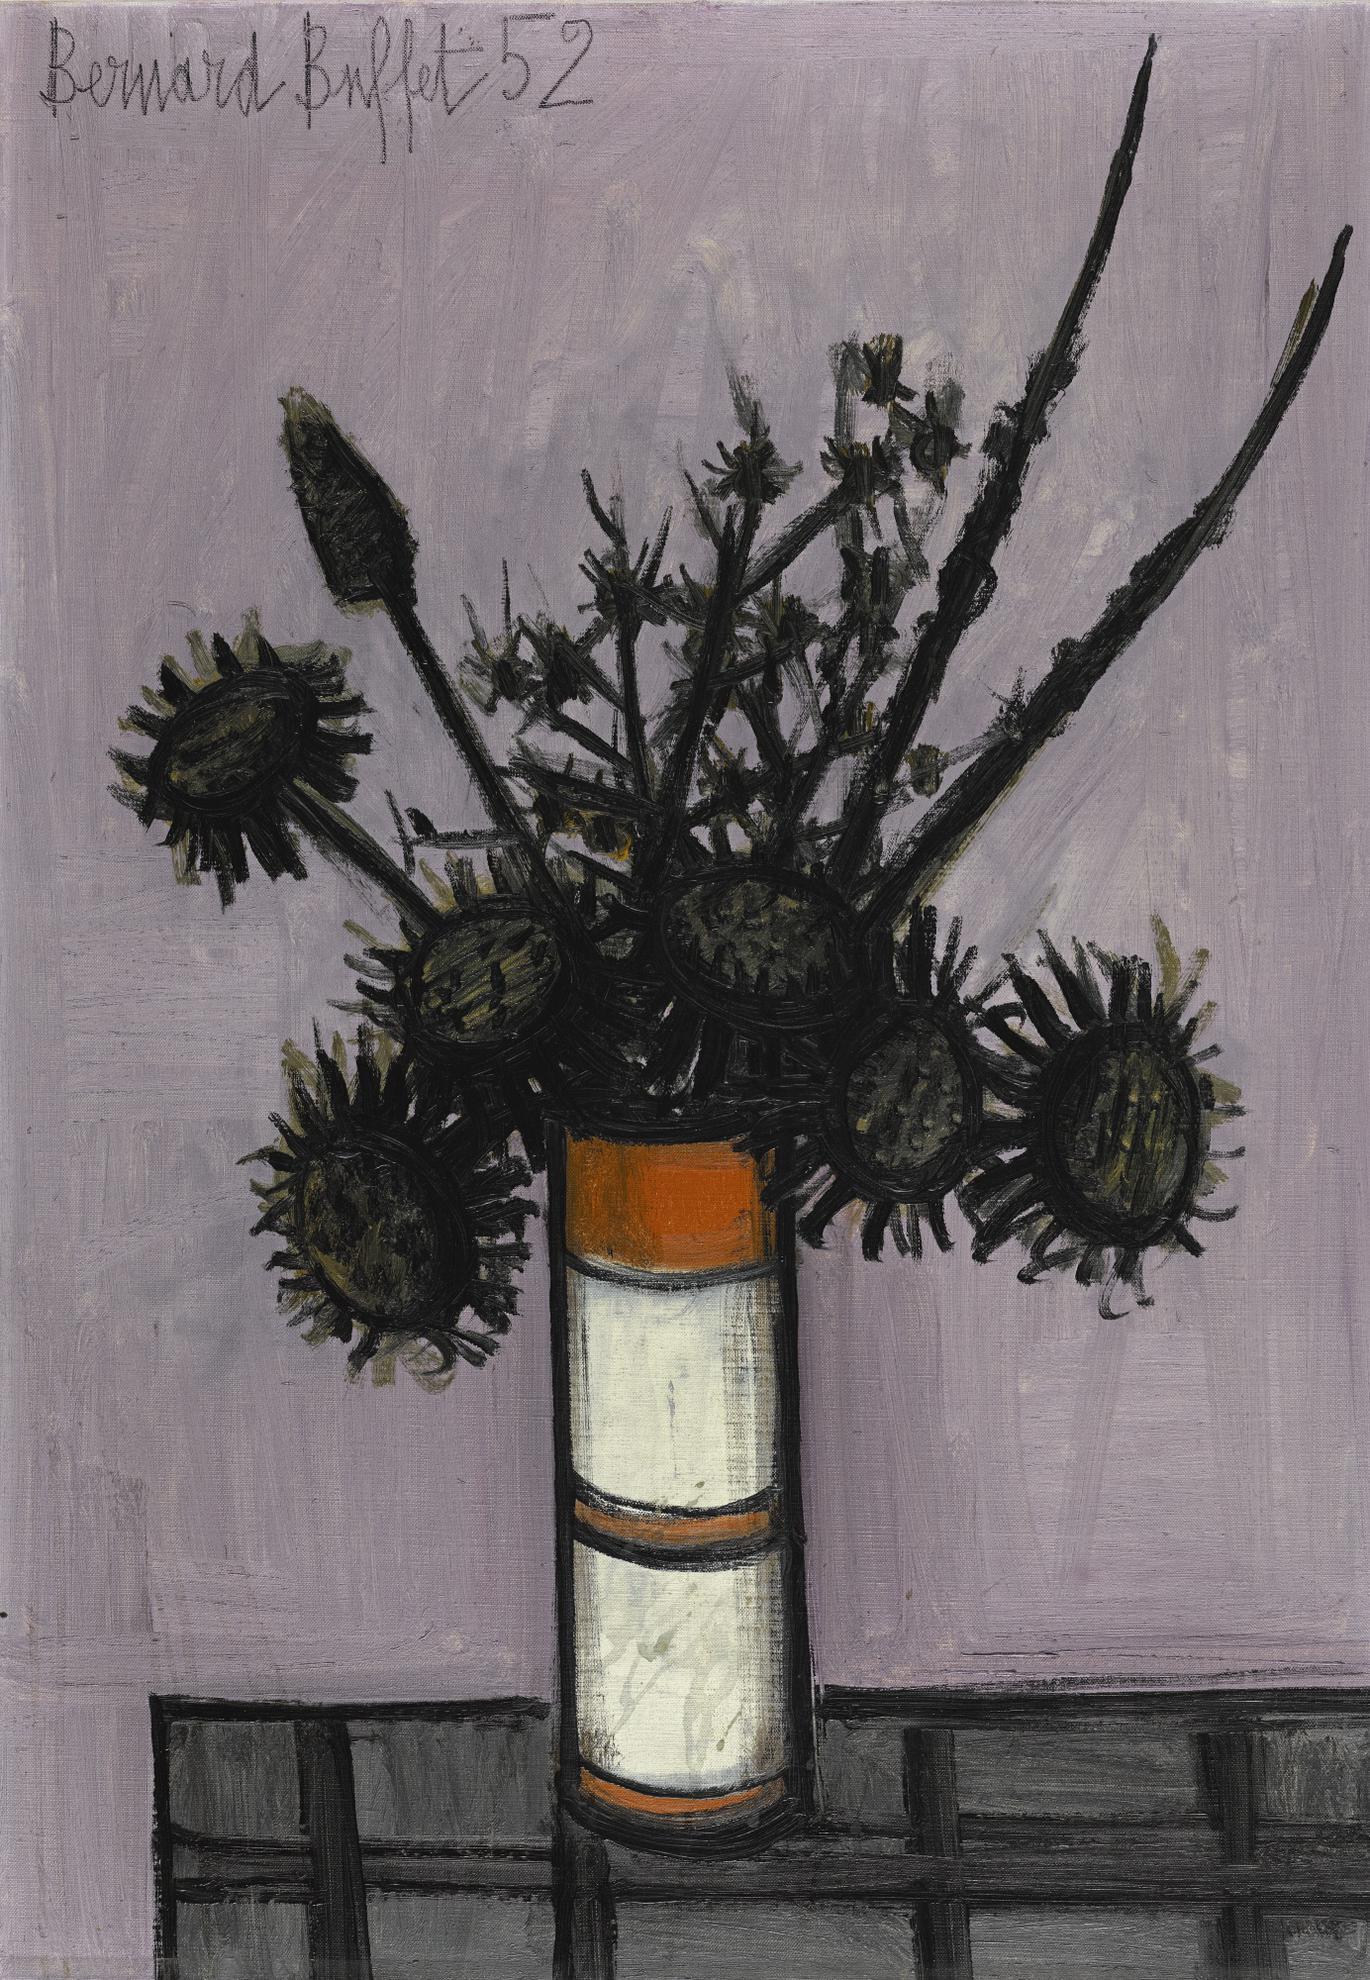 Bernard Buffet-Bouquet De Chardons-1952